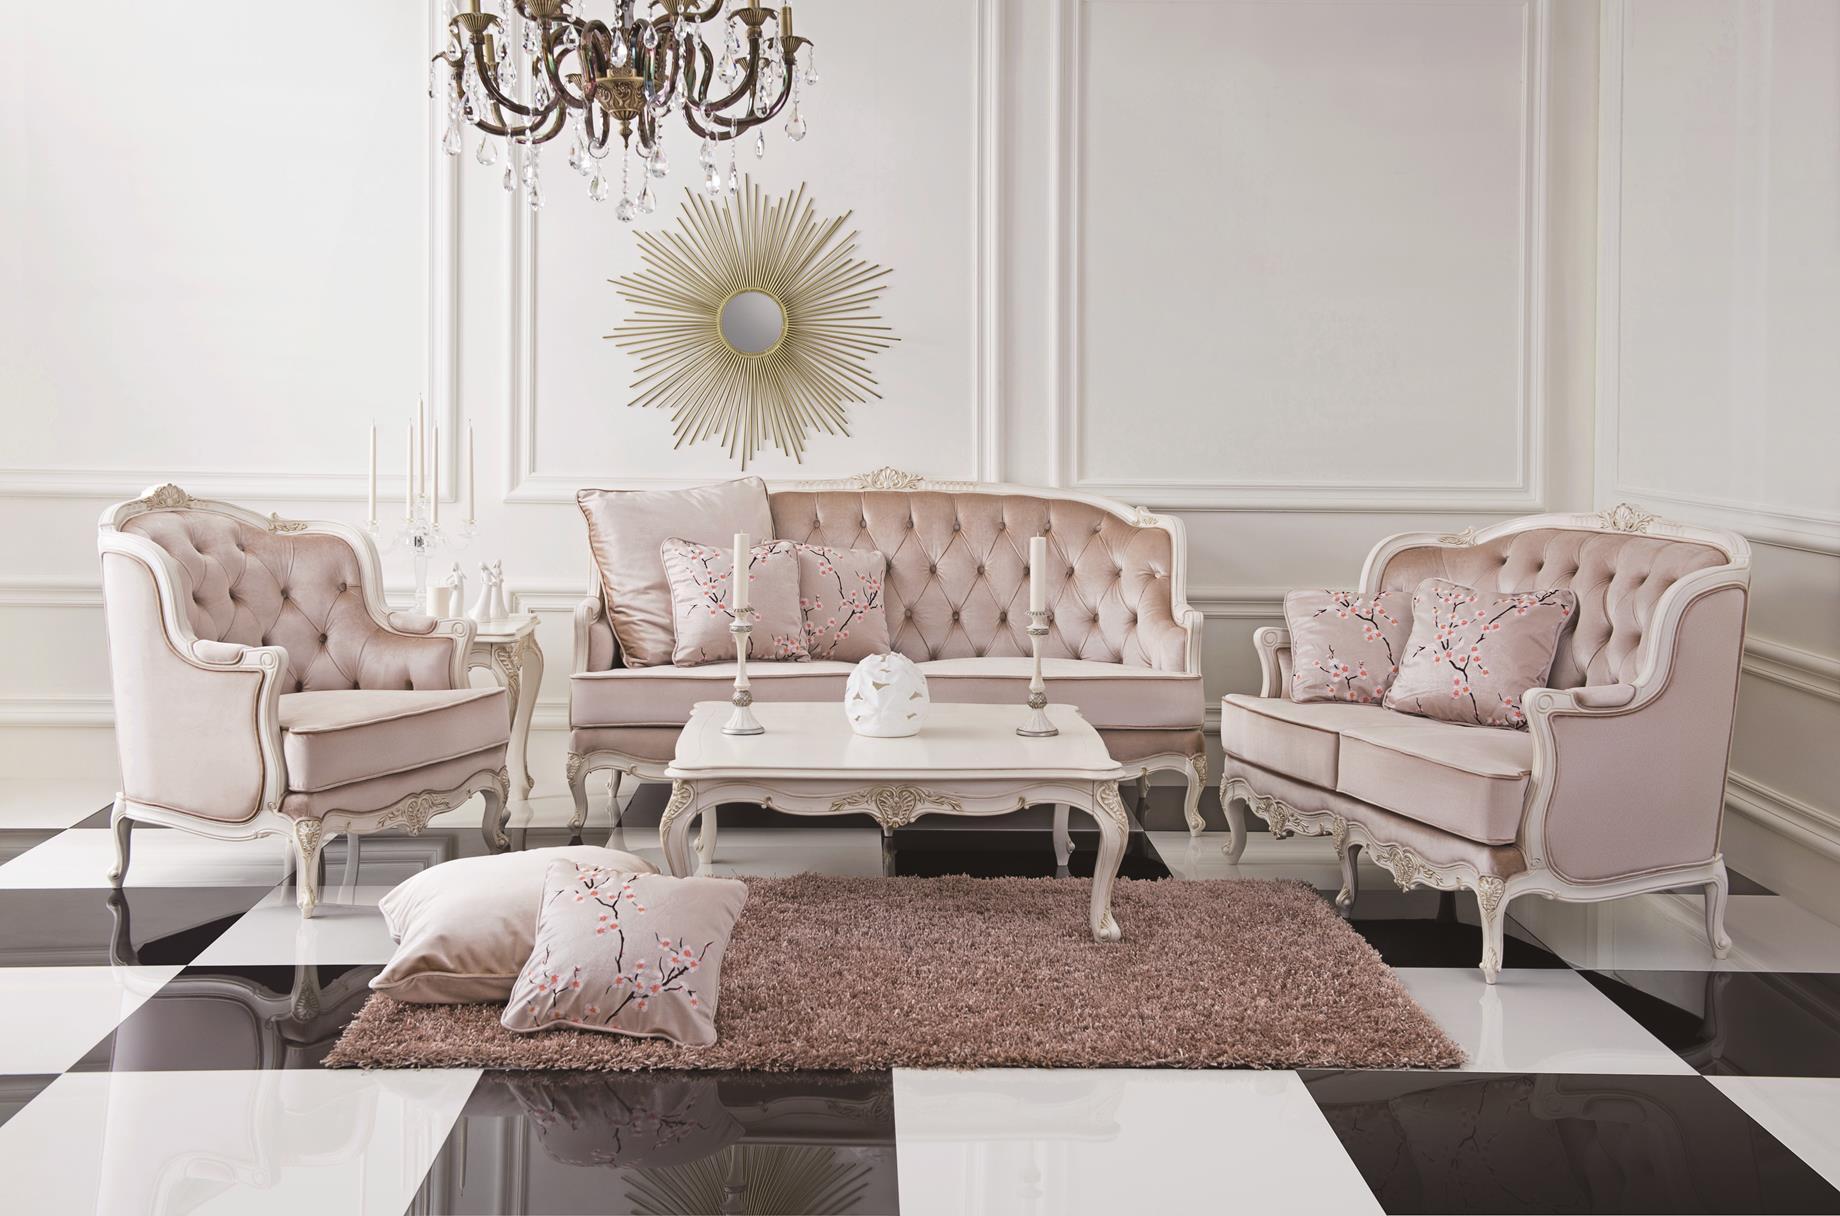 Сбор заказов. Потрясающие коллекции мебели из дерева лучших пород от известных азиатских производителей, A-s-h-l-e-y, B-o-g-a-c-h-o. Мягкая мебель мебель для спален и гостиных, столовые группы, реклайнеры,кабинеты, а так же аксессуары -15